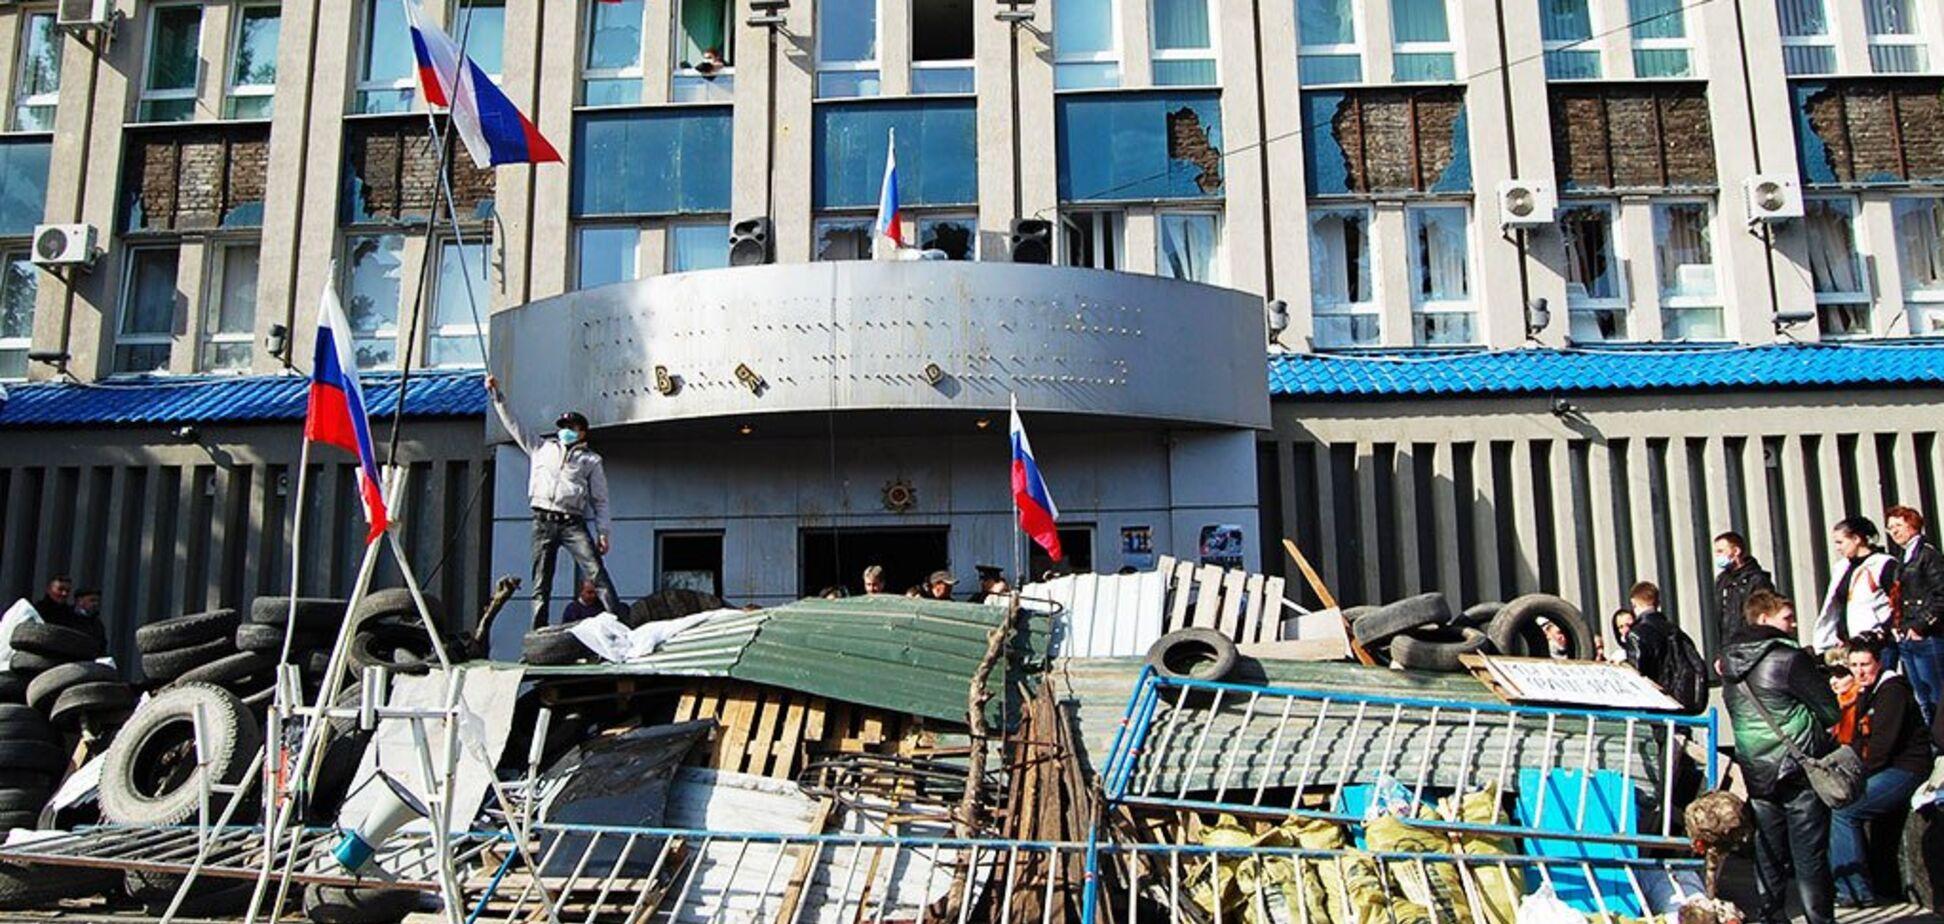 События в Донецке, о которых нельзя говорить